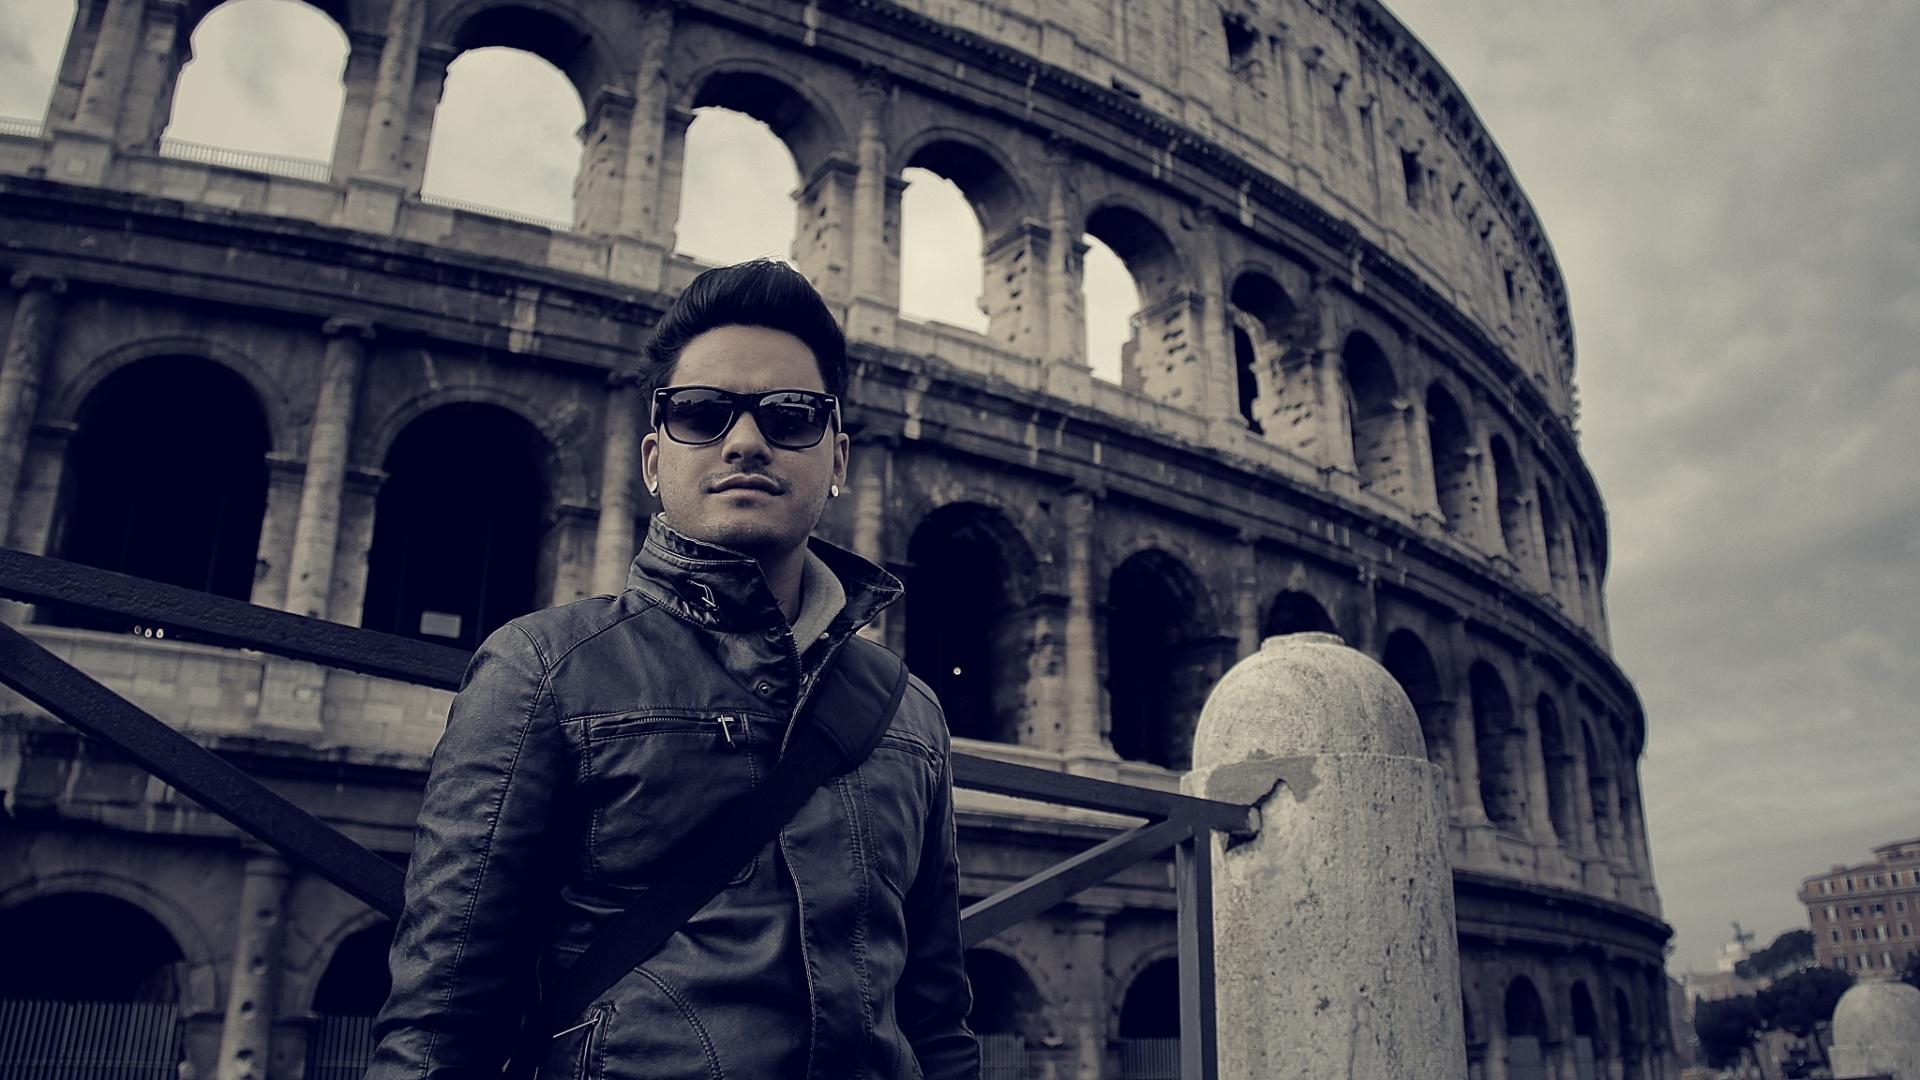 jan.2013 O baixista Koba do Restart posa em frente ao Coliseu em Roma durante férias dos músicos na Europa